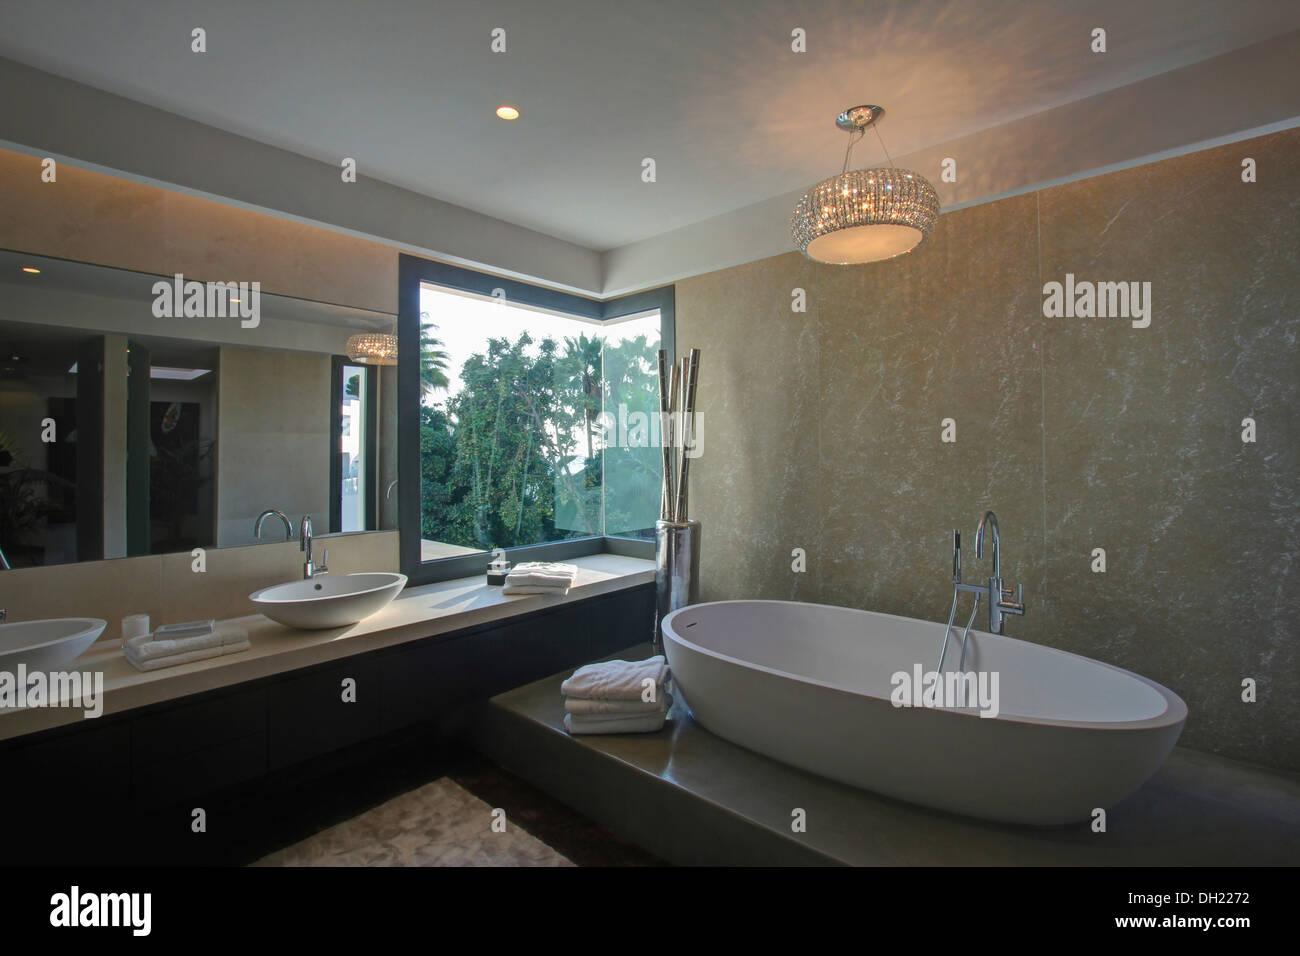 Vasca Da Bagno In Spagnolo : Luce di vetro sopra rilievi vasca ovale in marmo moderno bagno